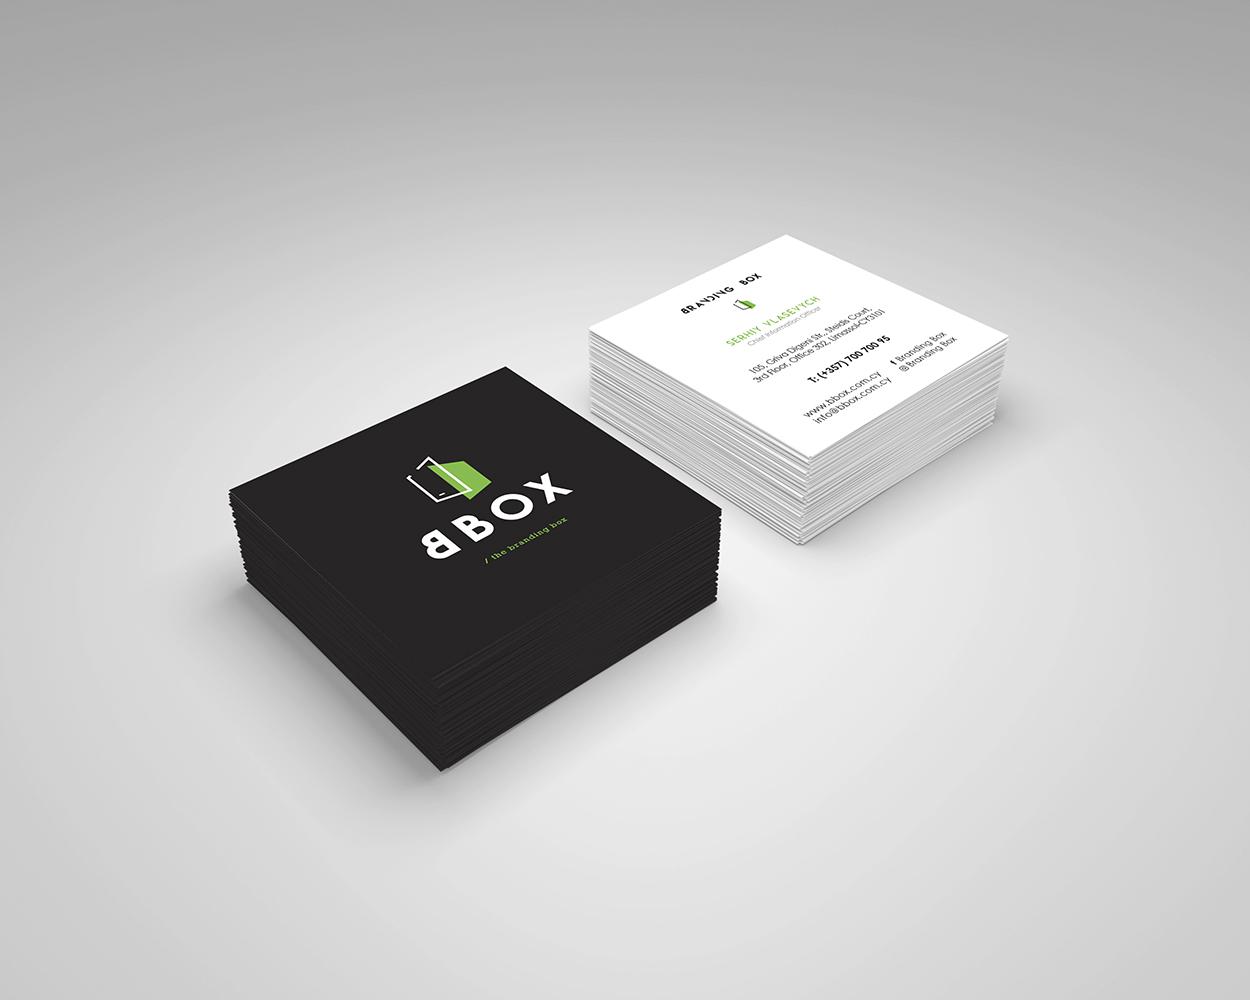 Branding Box: Corporate Identity Branding Box